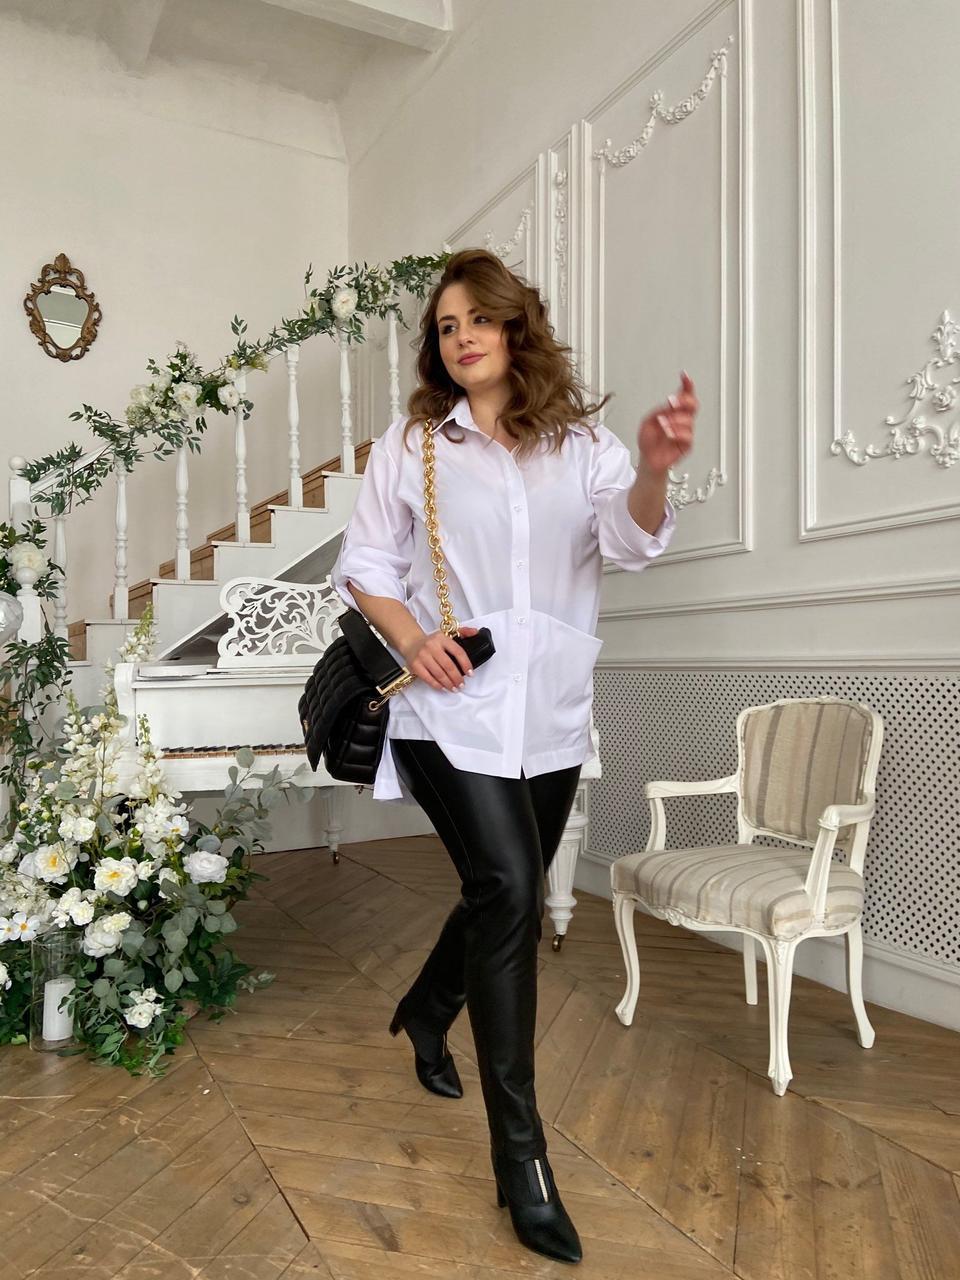 Сорочка жіноча, колір: Білий, розмір: 50-52, 54-56, 58-60, 62-64, 66-68